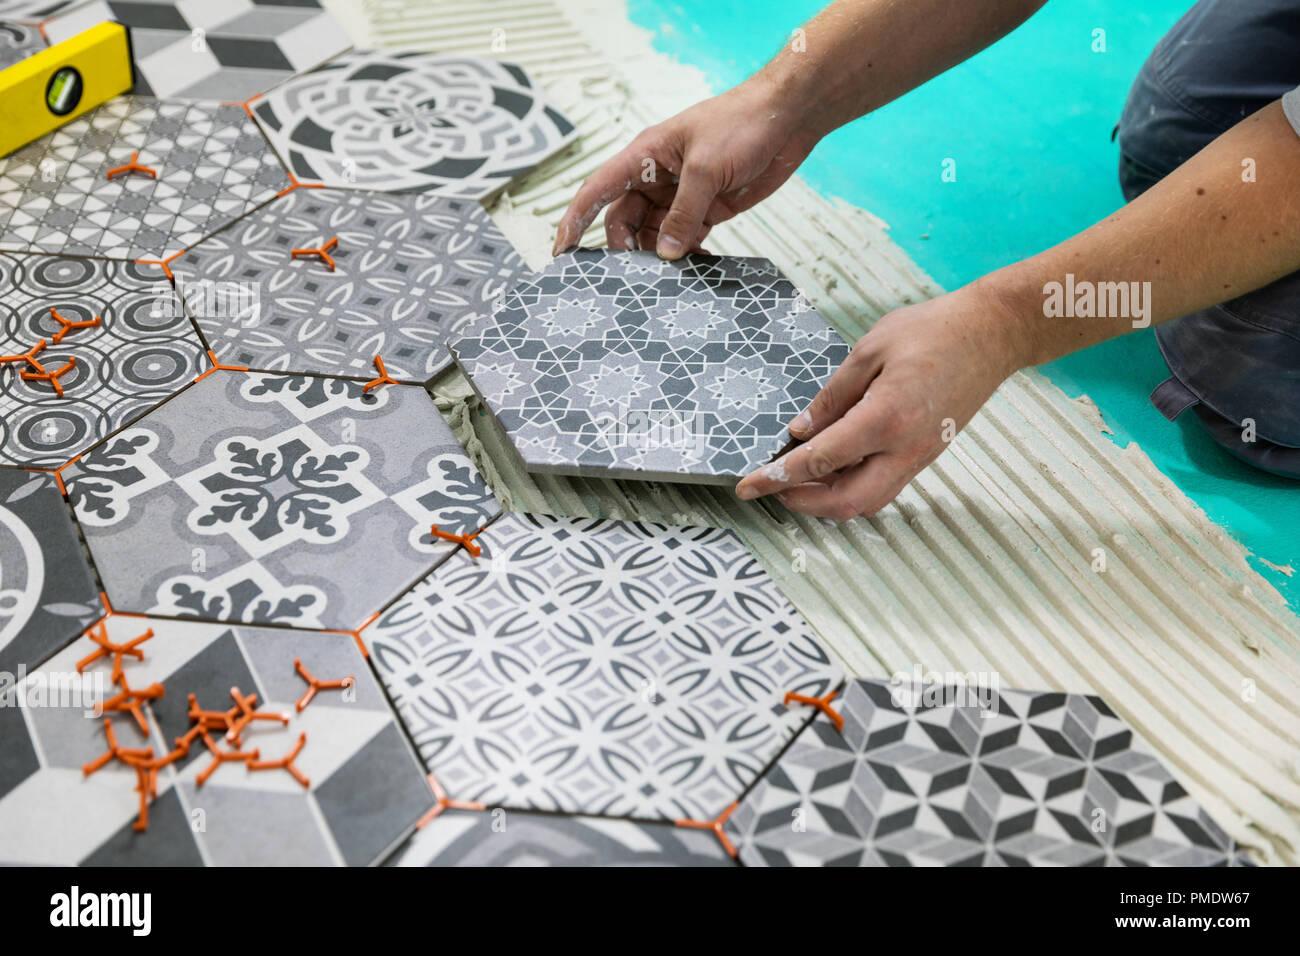 Pavimenti uomo posa mattonelle esagonali sul pavimento foto